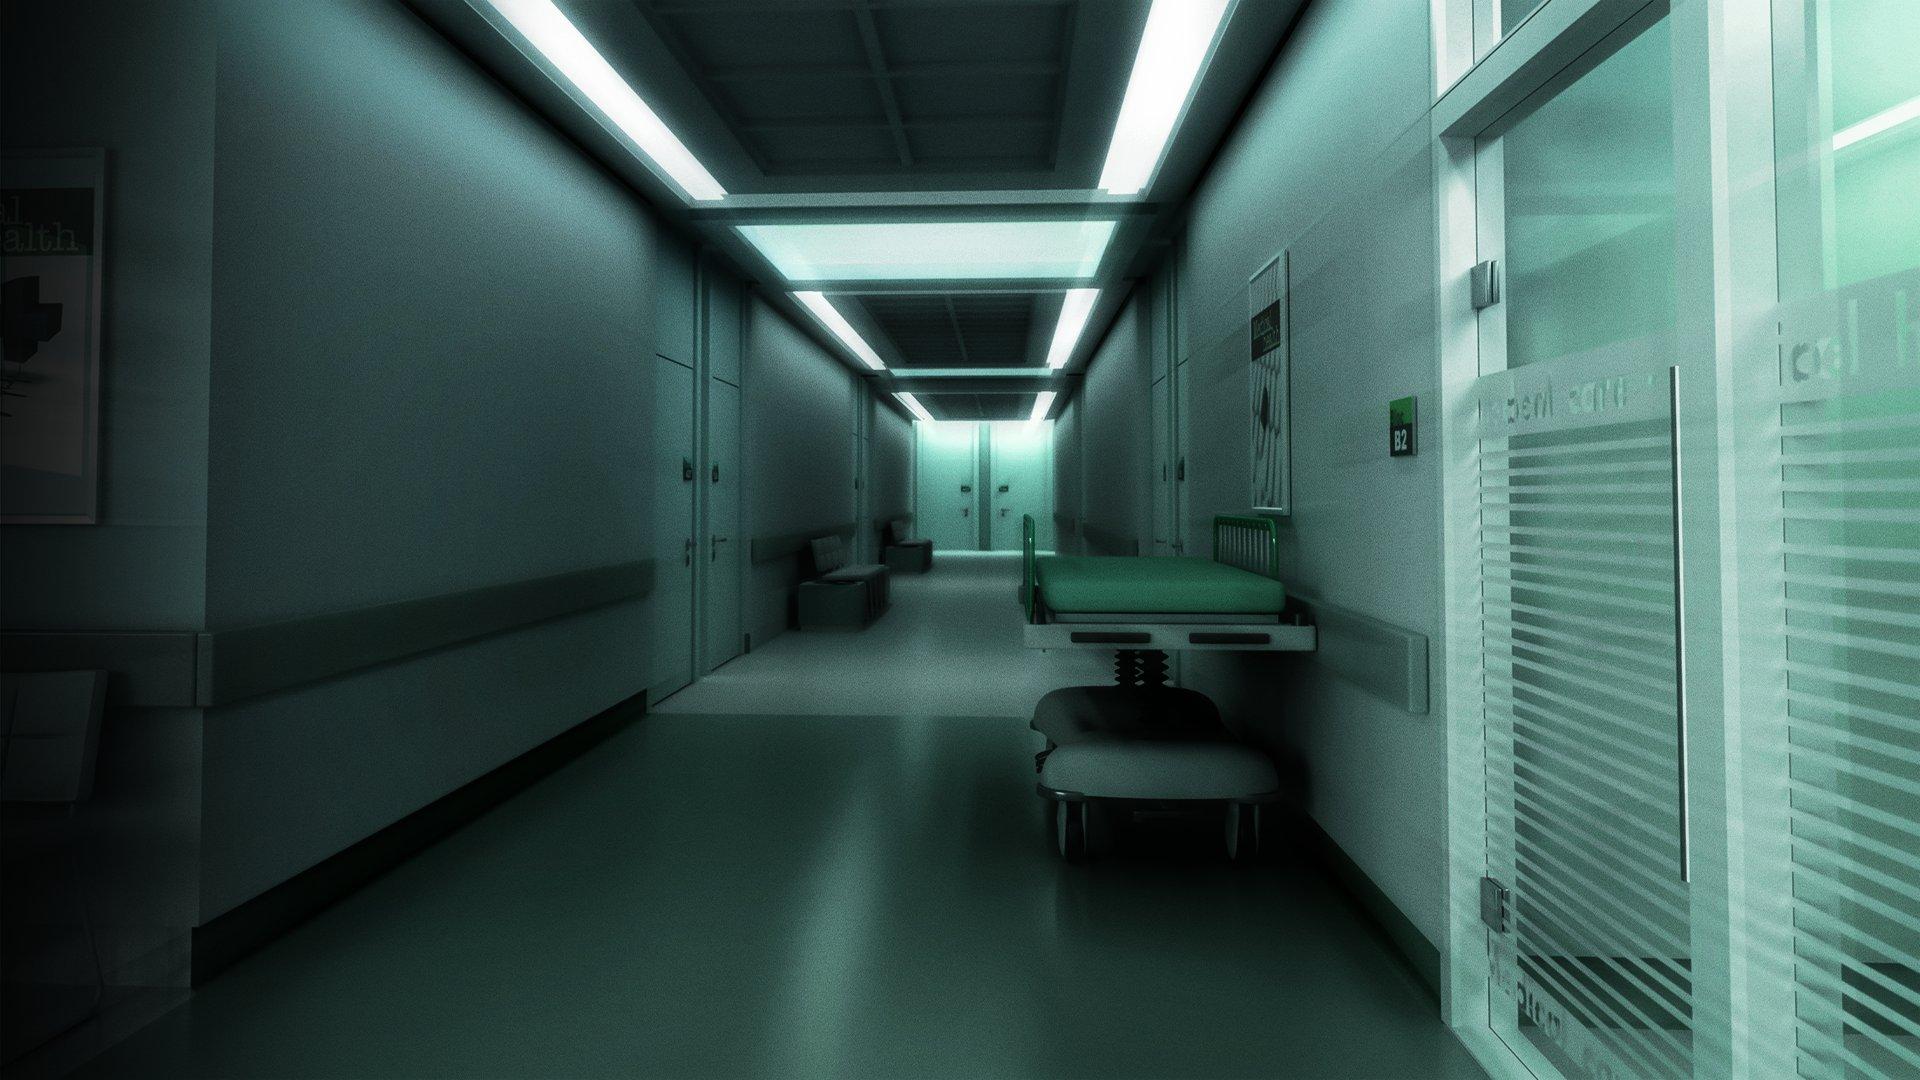 fond The Resident - S03 E10 - Qui sème le vent